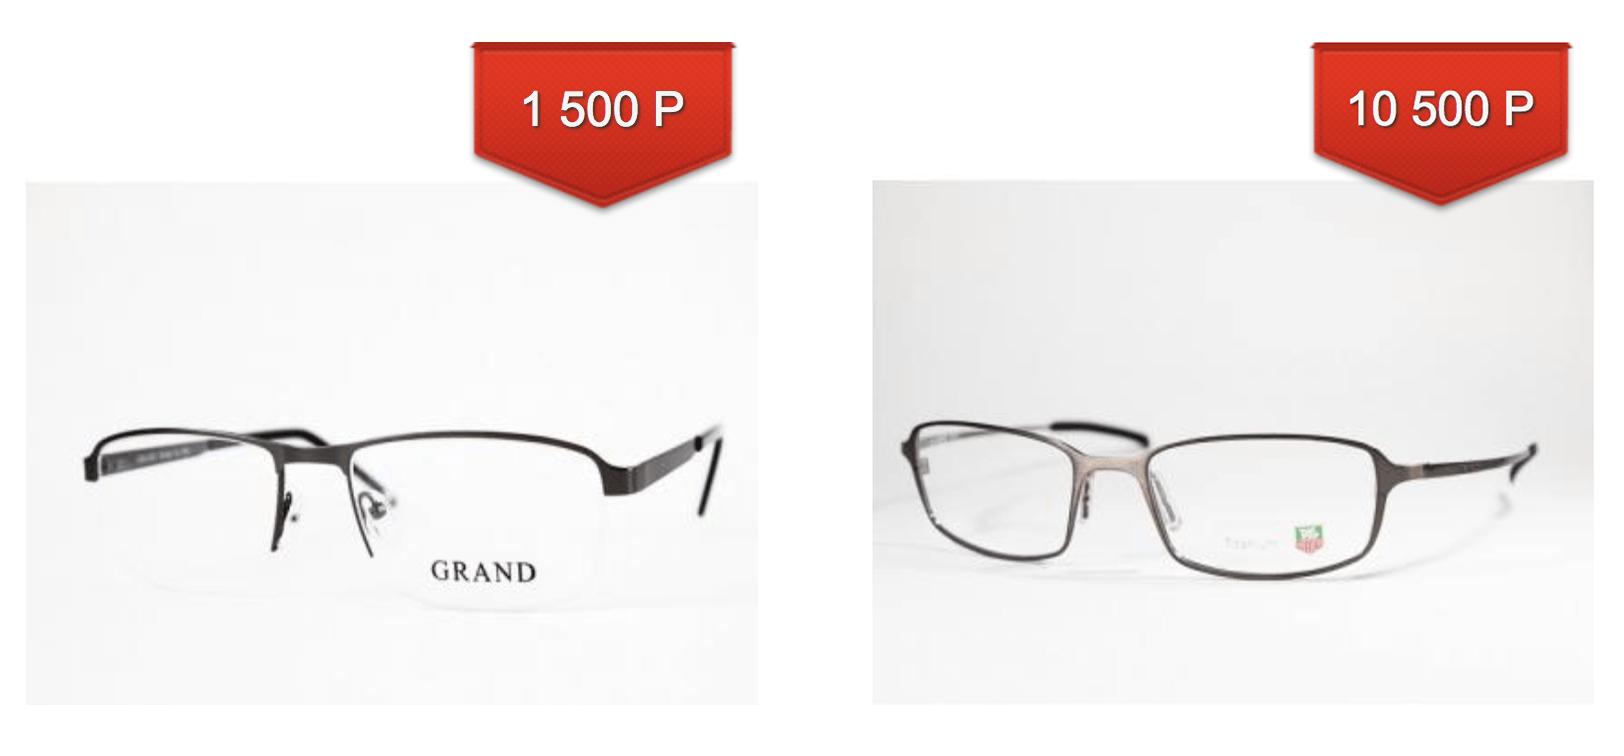 Металлическая оправа GRAND 5599 C3 (слева) почти в 6 раз дешевле оправы из титана Logo TAG Heuer (справа). Но у оправы из титана намного больше шансов прослужить дольше трех лет. Источник: netoptic